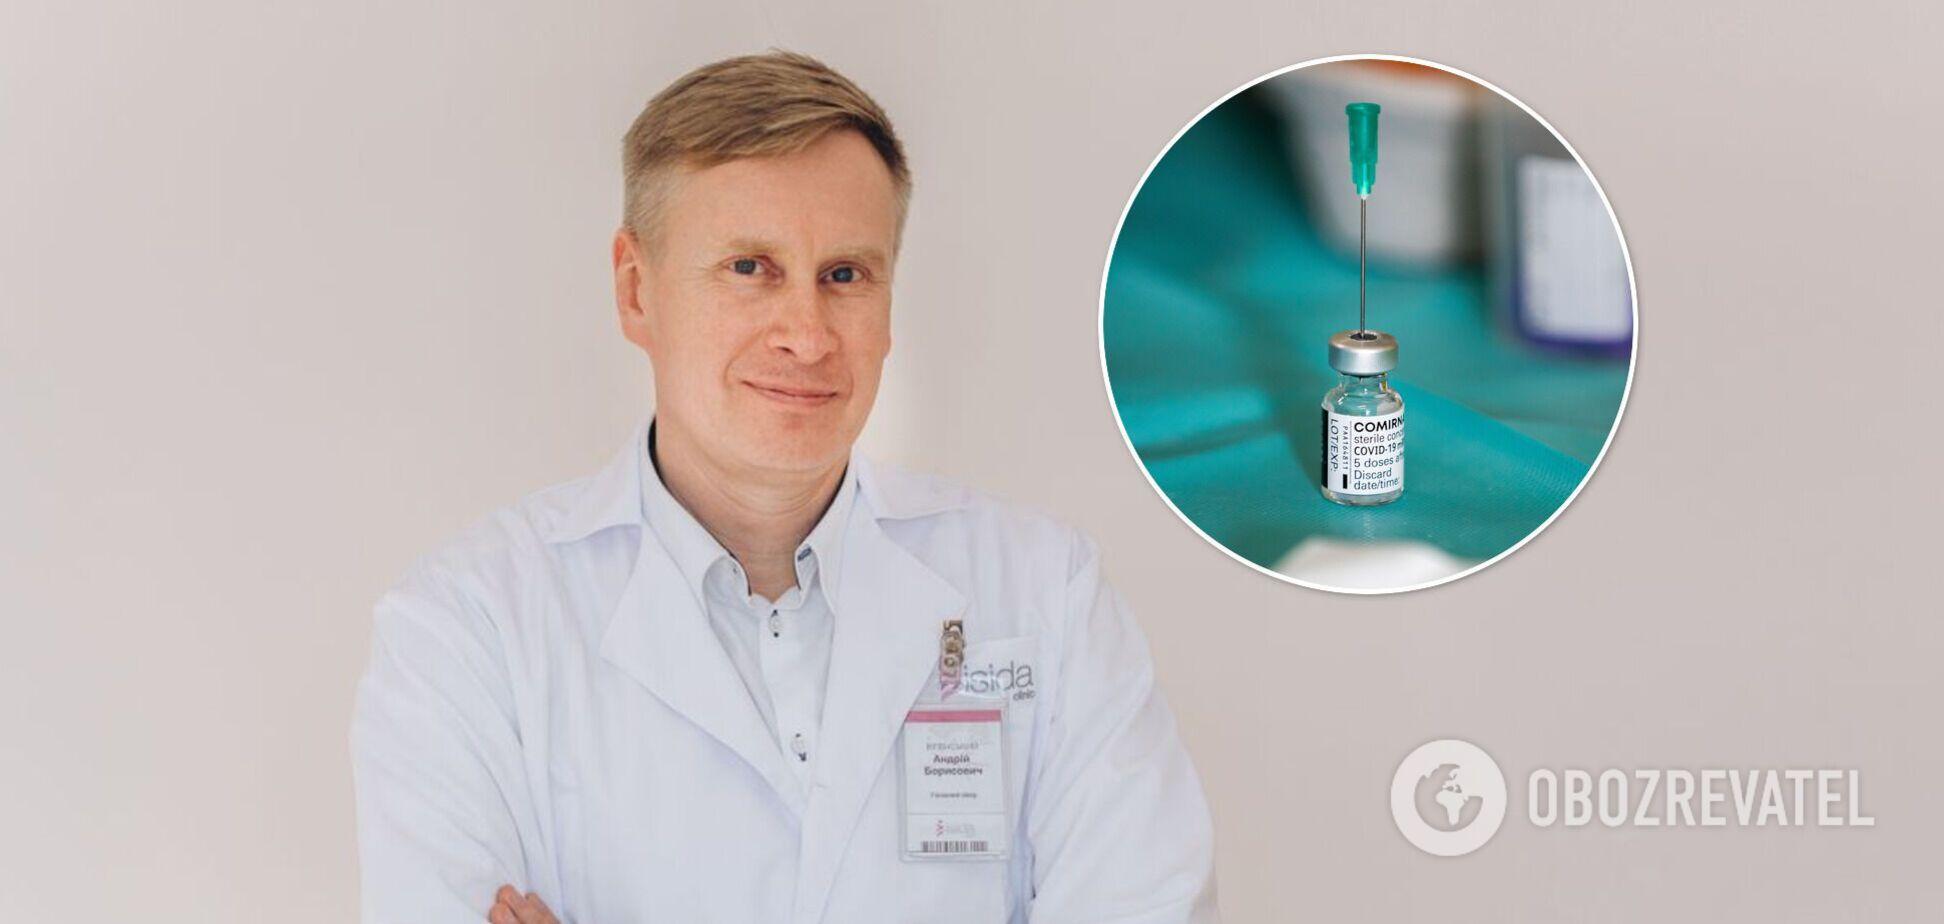 Віленський закликав українців записуватися в чергу на вакцинацію